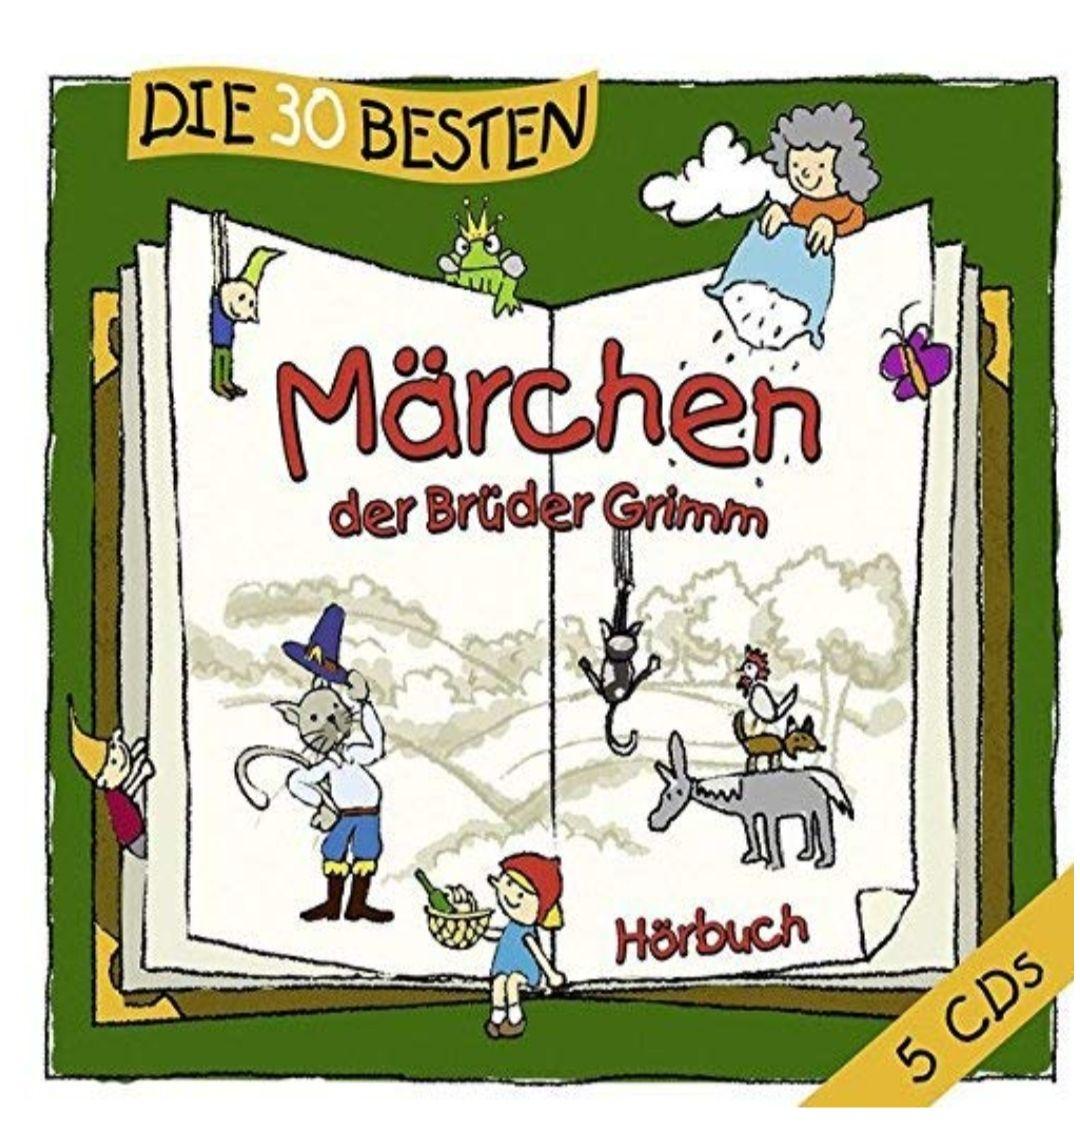 Die 30 besten Märchen der Brüder GrimmHörbuch, Box-Set, CD